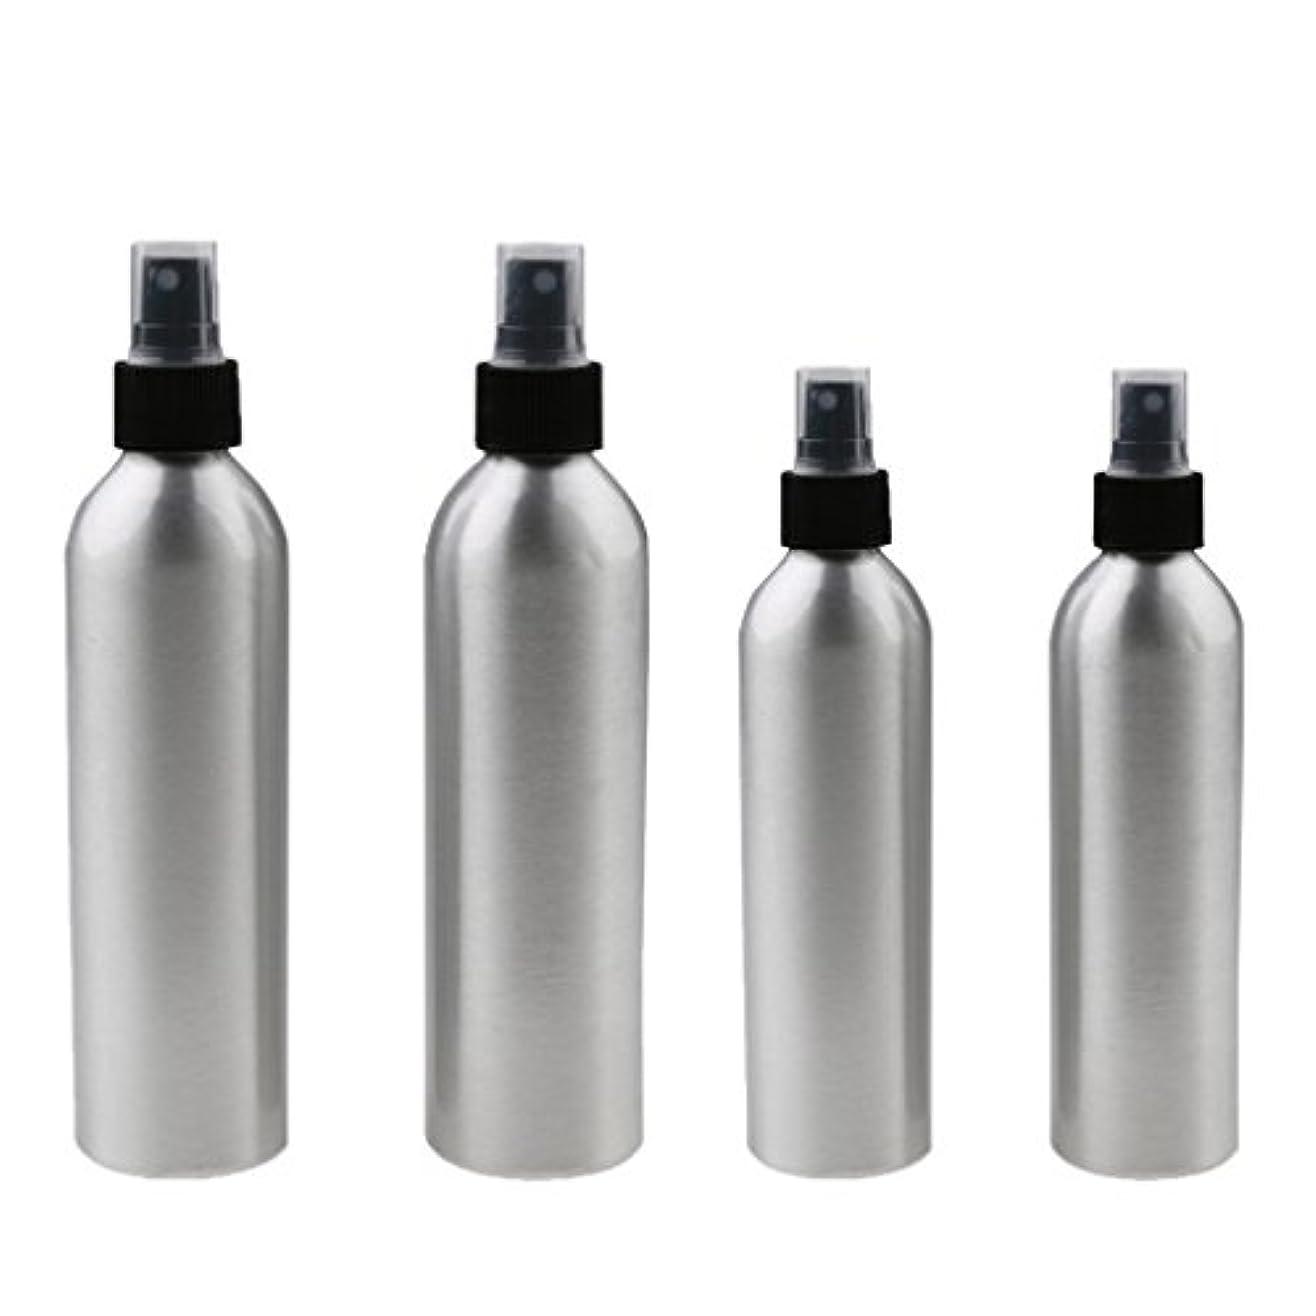 篭ネイティブ取得するKesoto 4本入り スプレーボトル 100mlと150ml各2本 アルミミスト スプレー 香水 ボトル スプレーアトマイザー